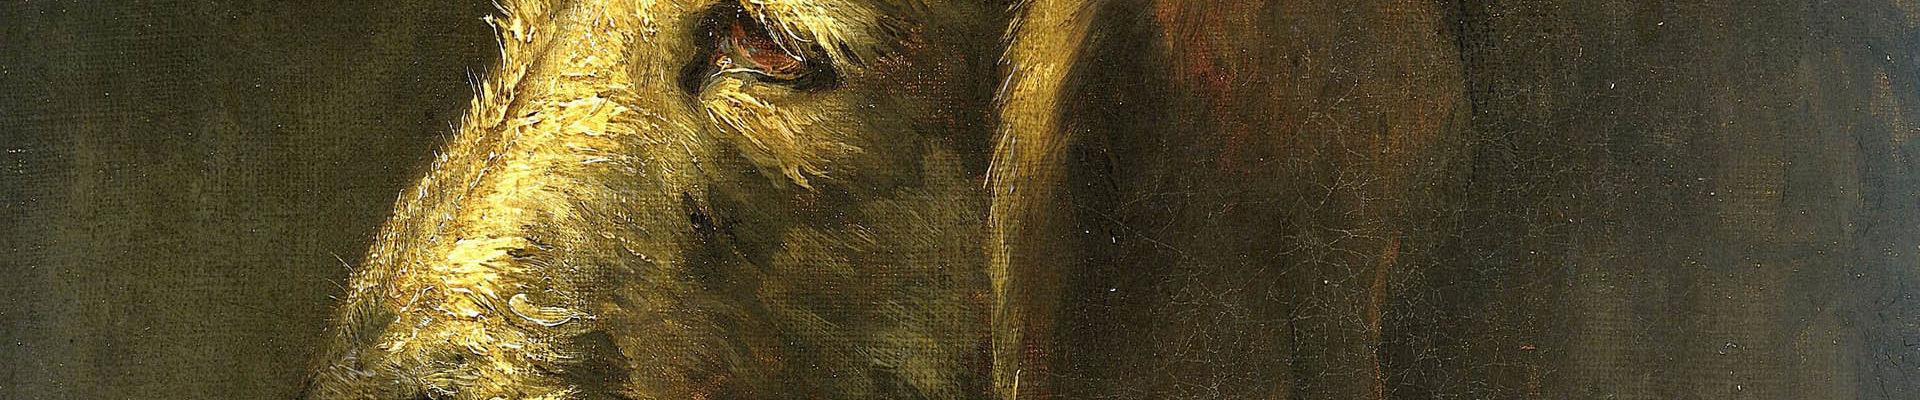 הכלב הענק | מחסן מילים, האתר של קרן שפי